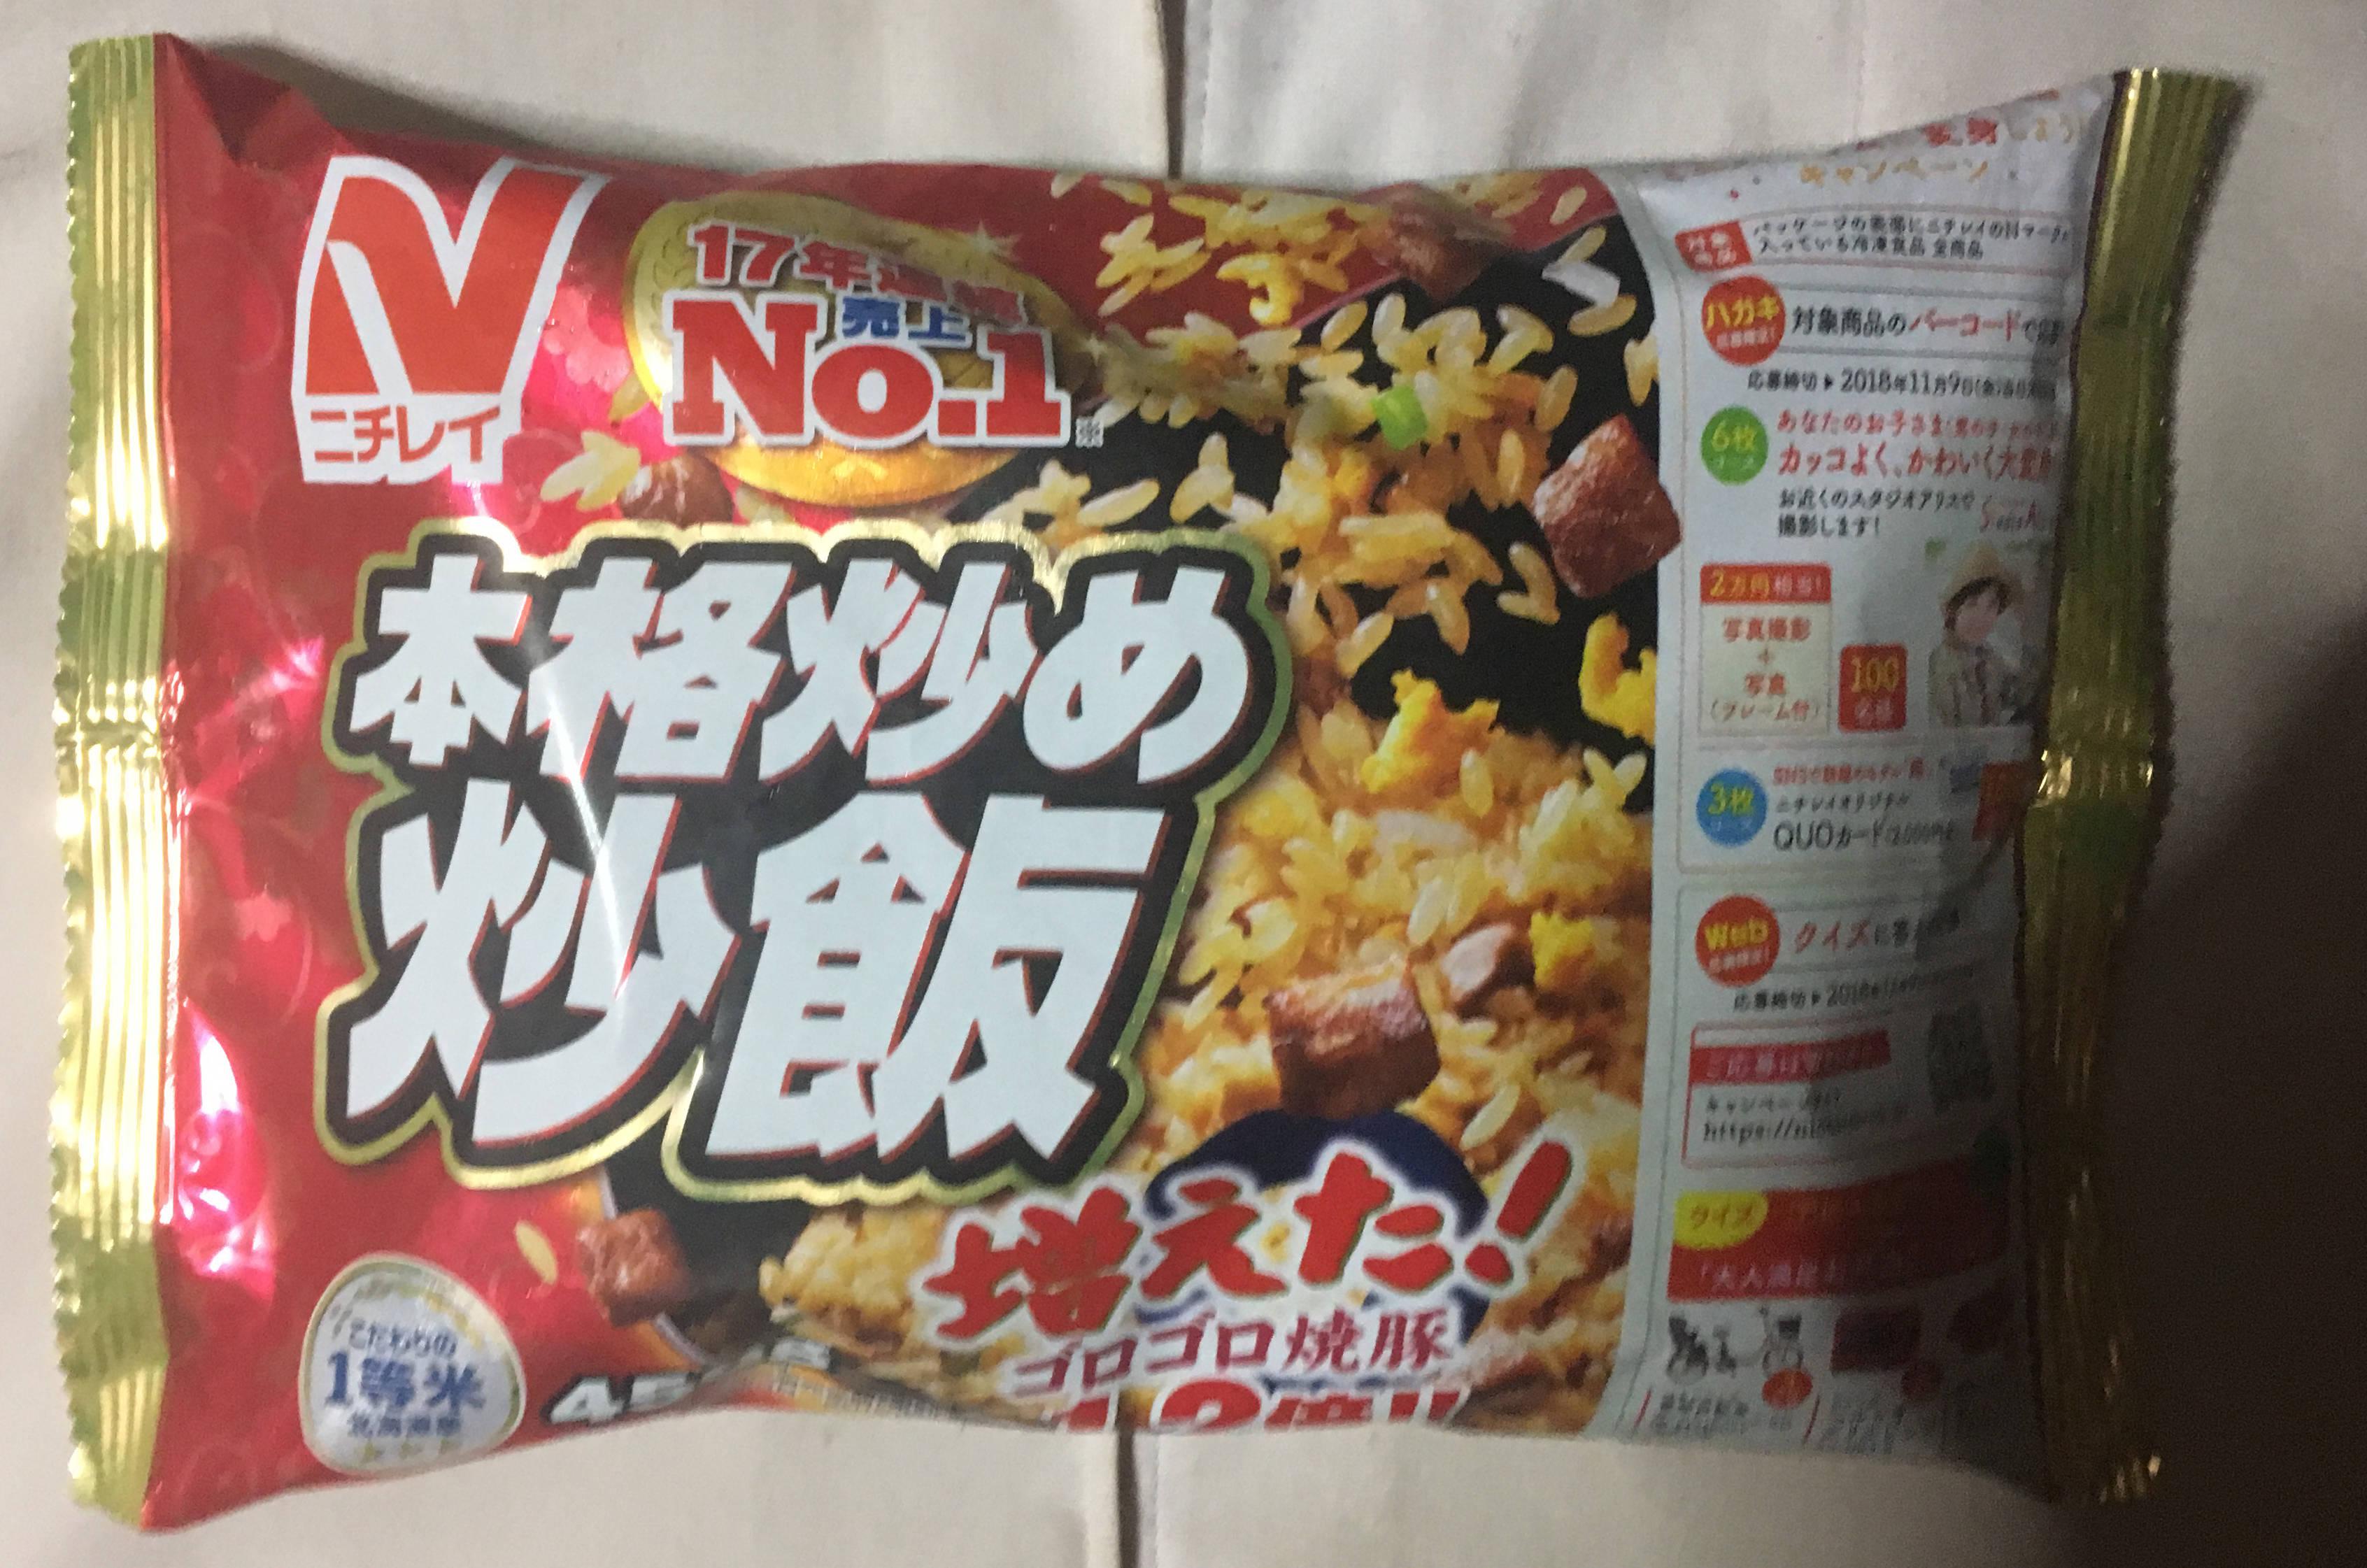 本格炒め炒飯(冷凍チャーハン)ニチレイフーズ